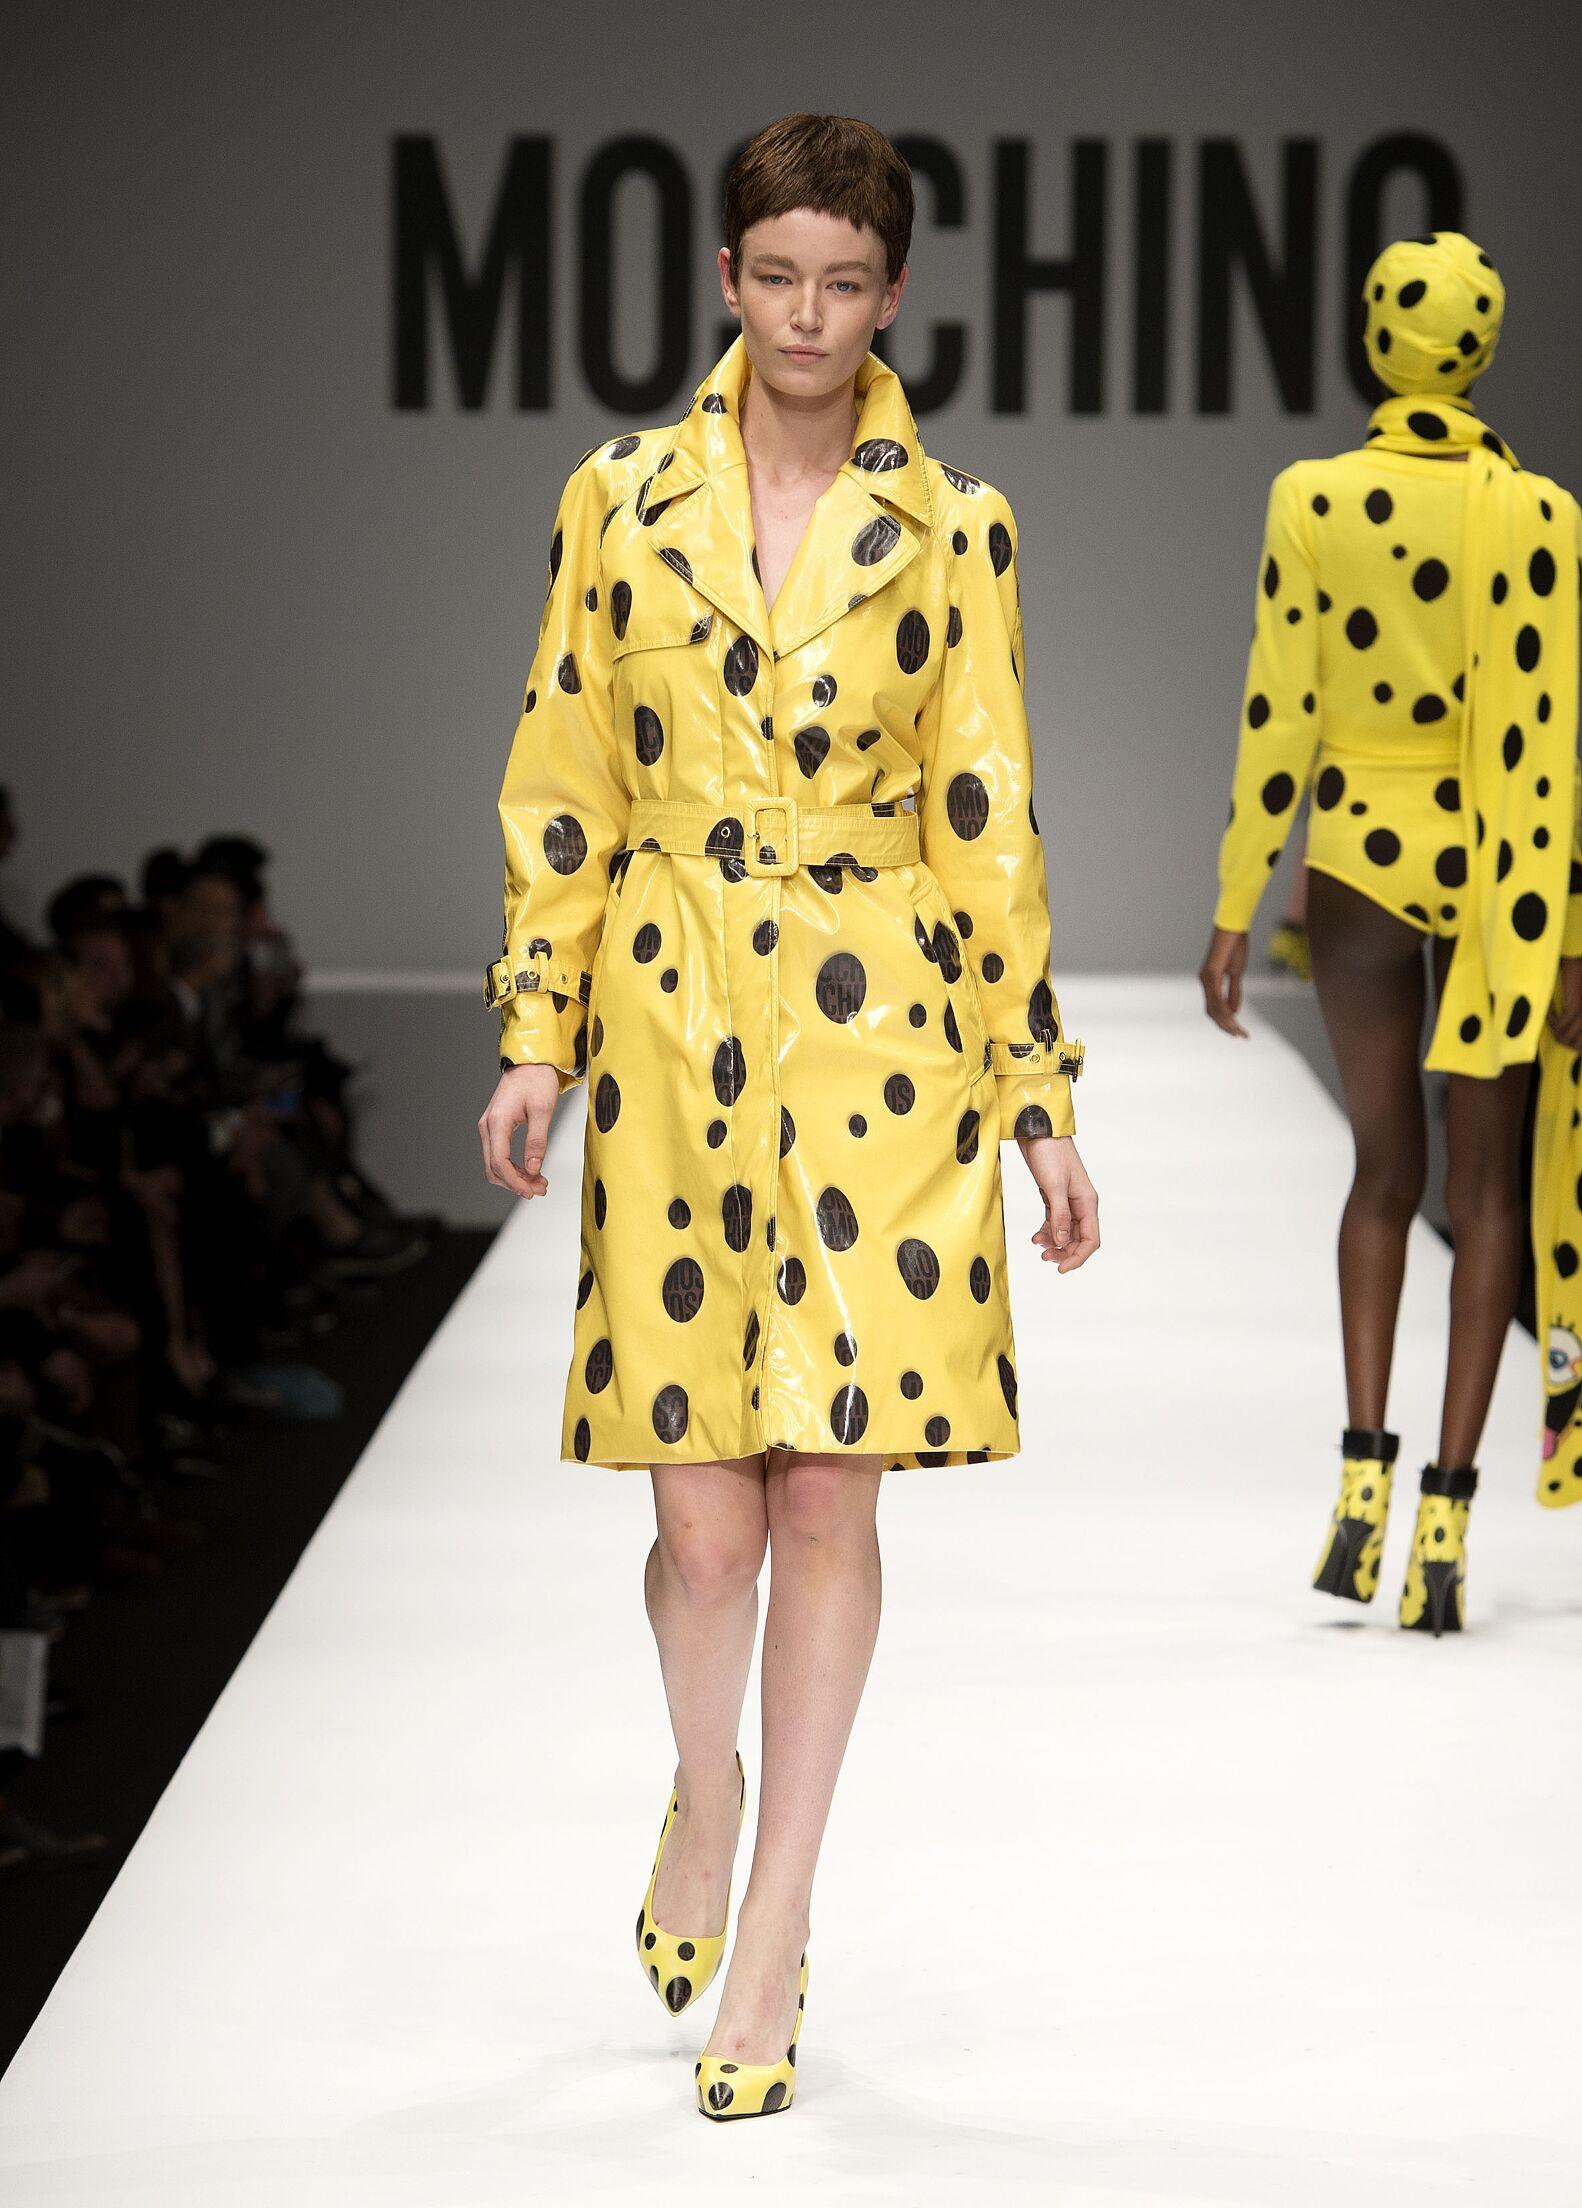 Fashion Trends Moschino